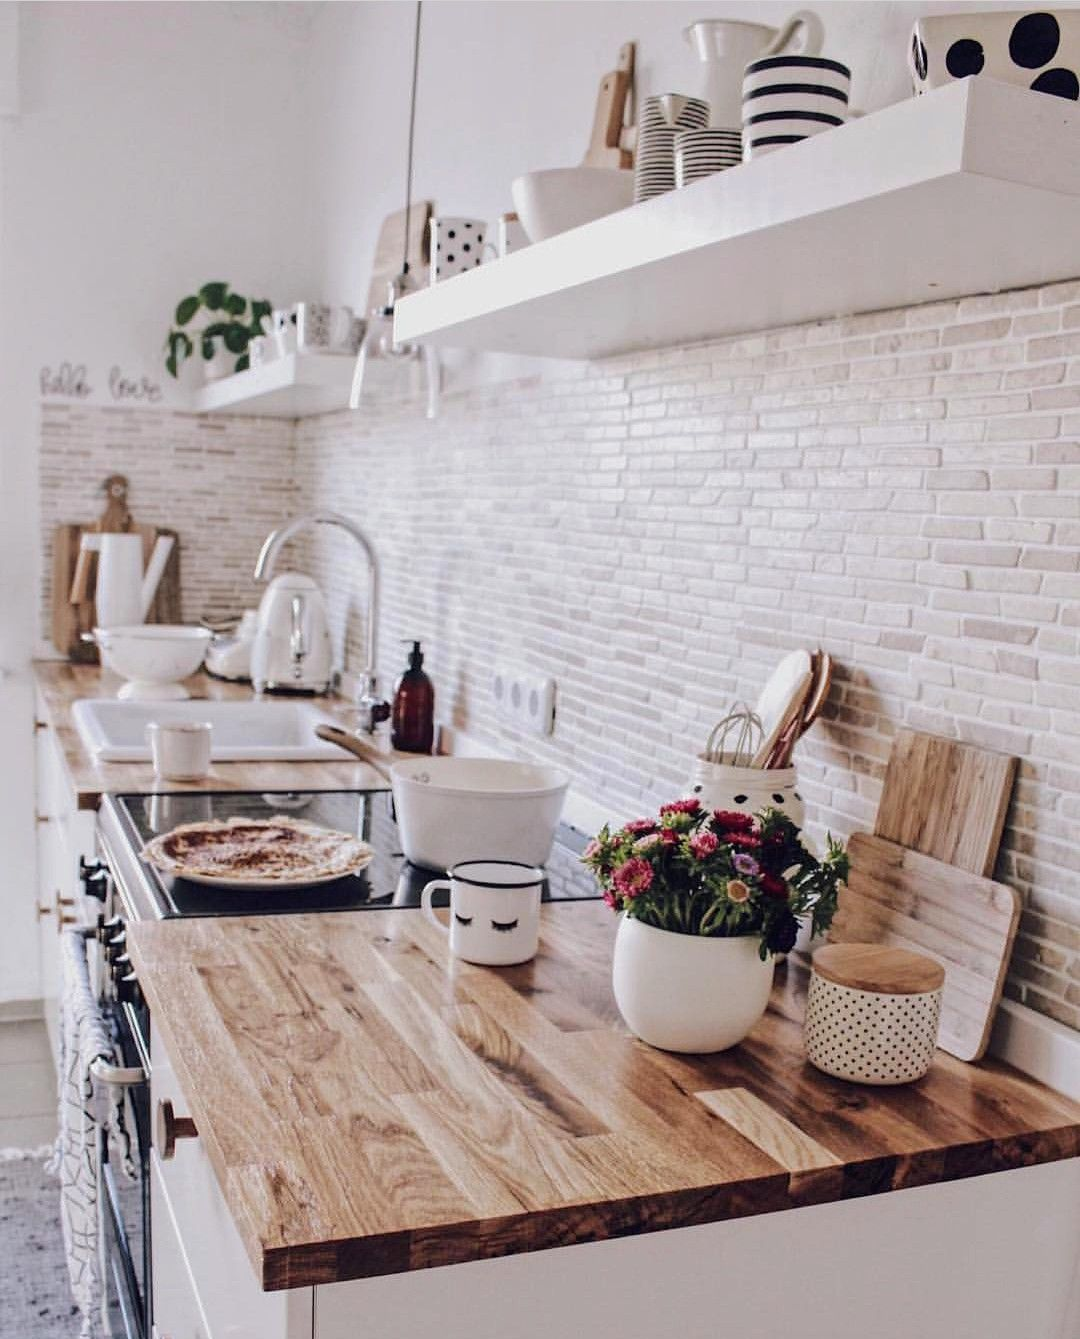 Elegant Idee Deco Cuisine Cocooning